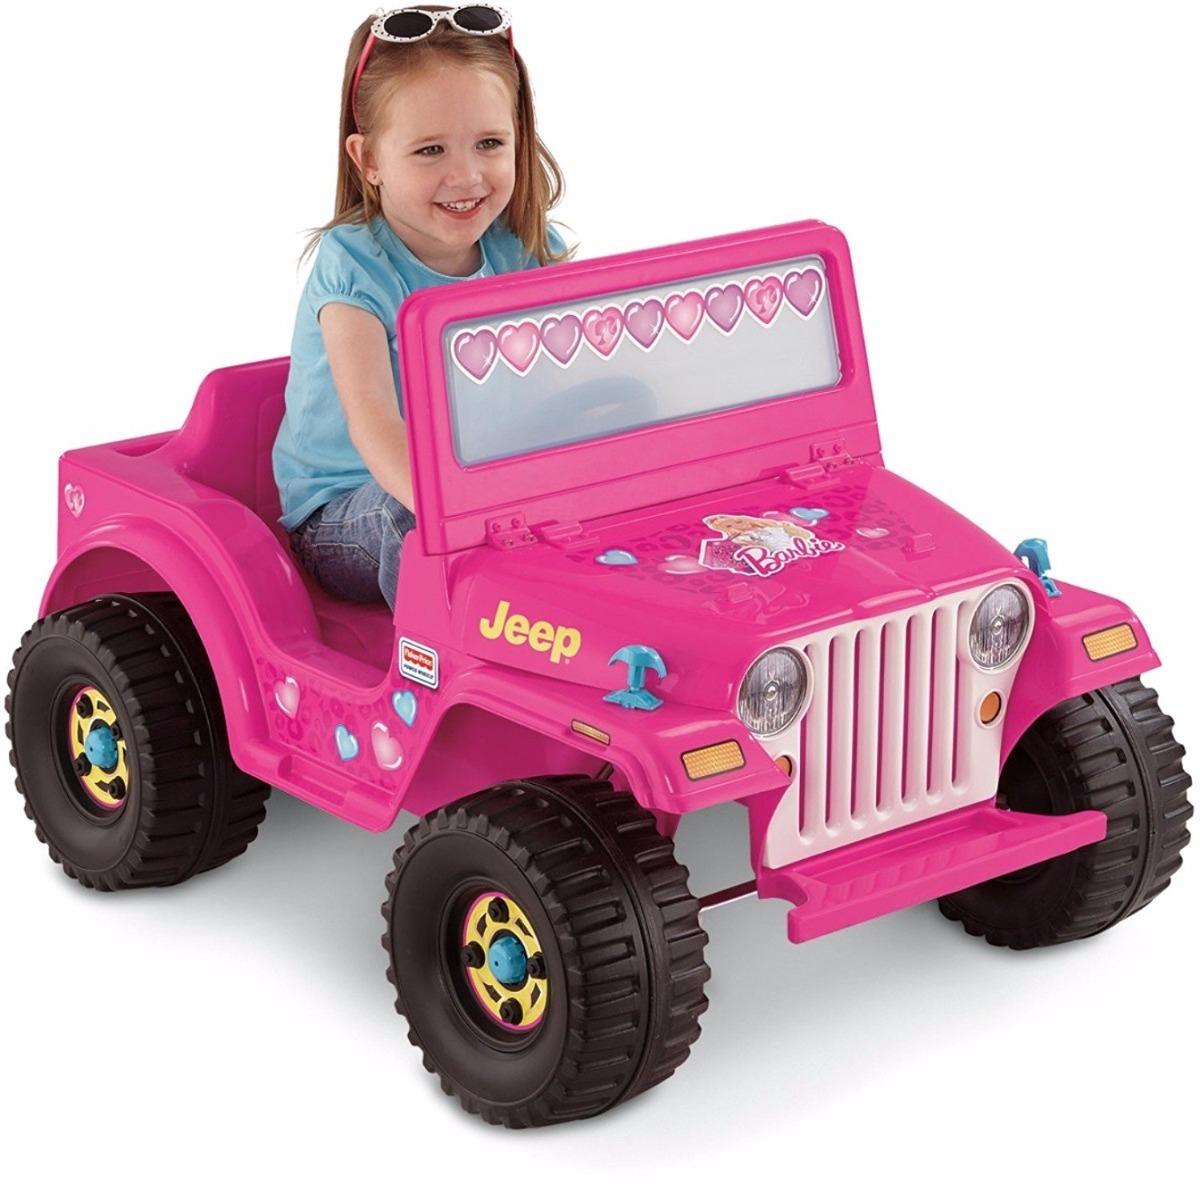 d116812ca carro de batería jeep color rosa para niñas marca barbie. Cargando zoom.